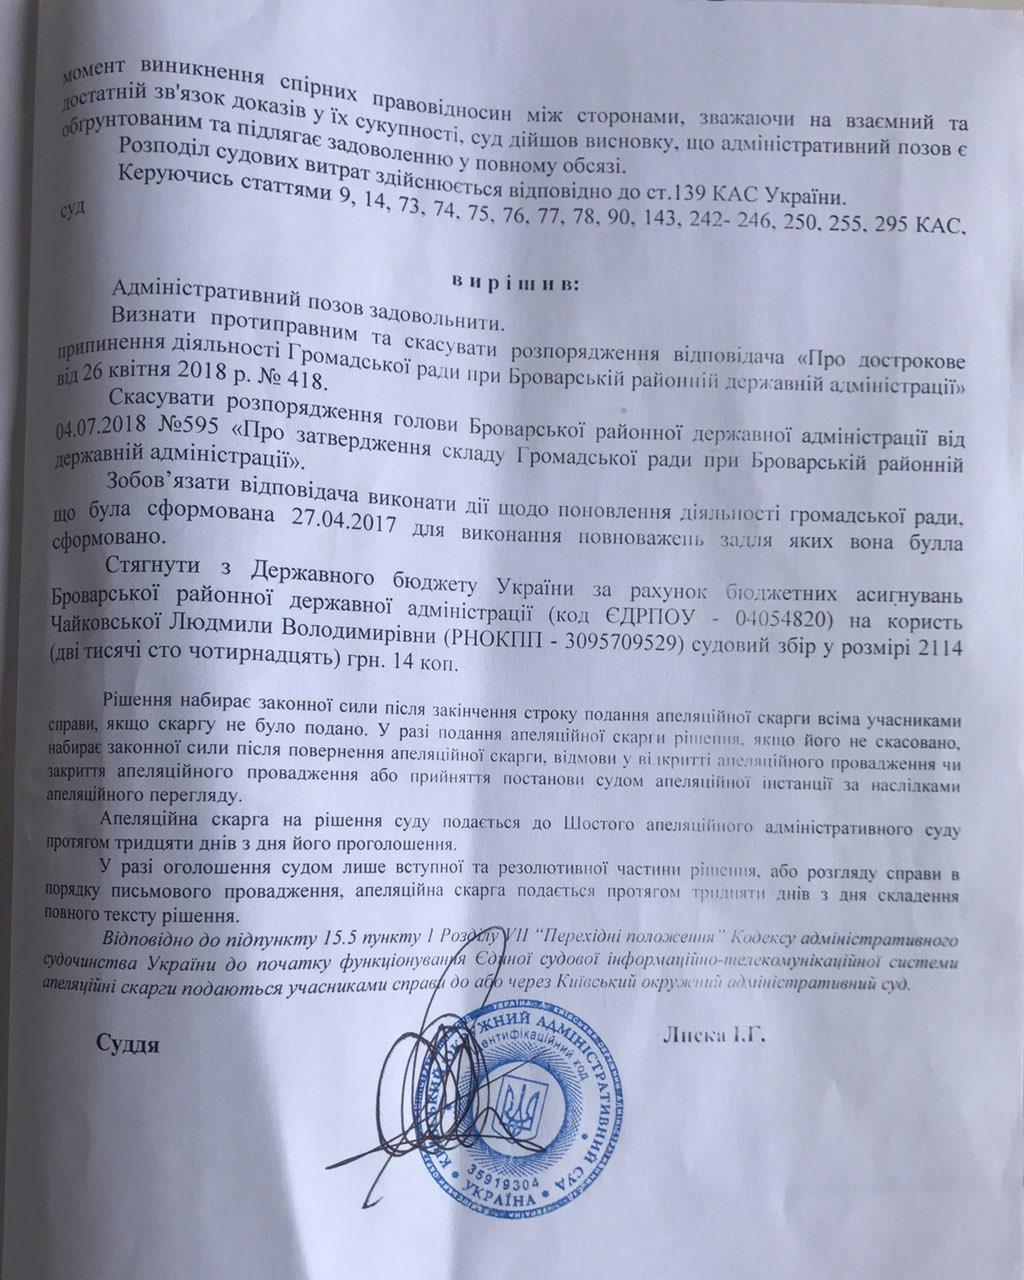 Протистояння на Броварщині: голова РДА проти громадської ради -  - yzobrazhenye viber 2019 05 17 19 06 06